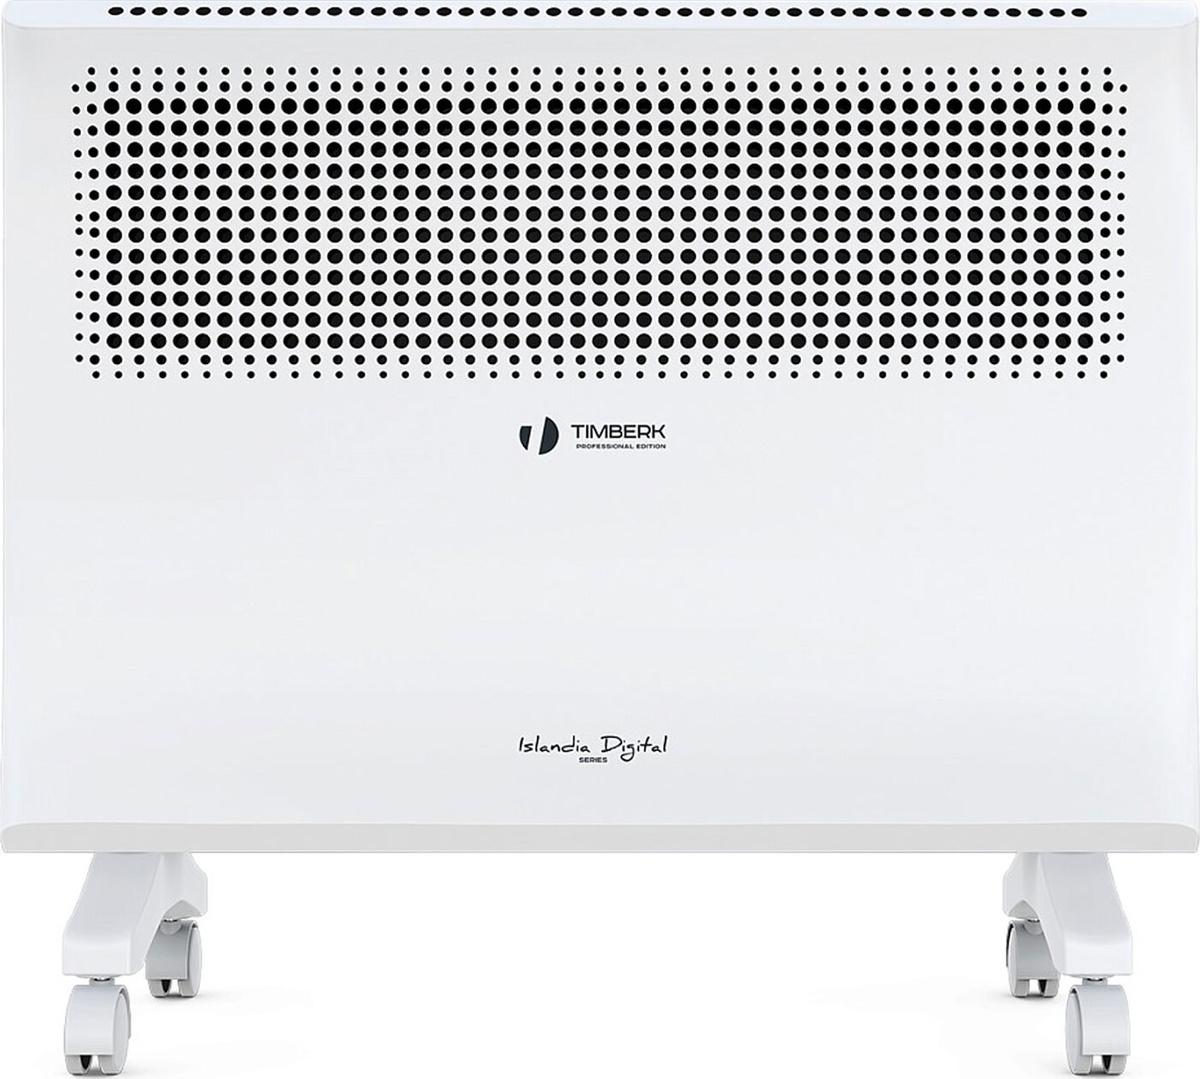 TIMBERK TEC.E3 E 1500